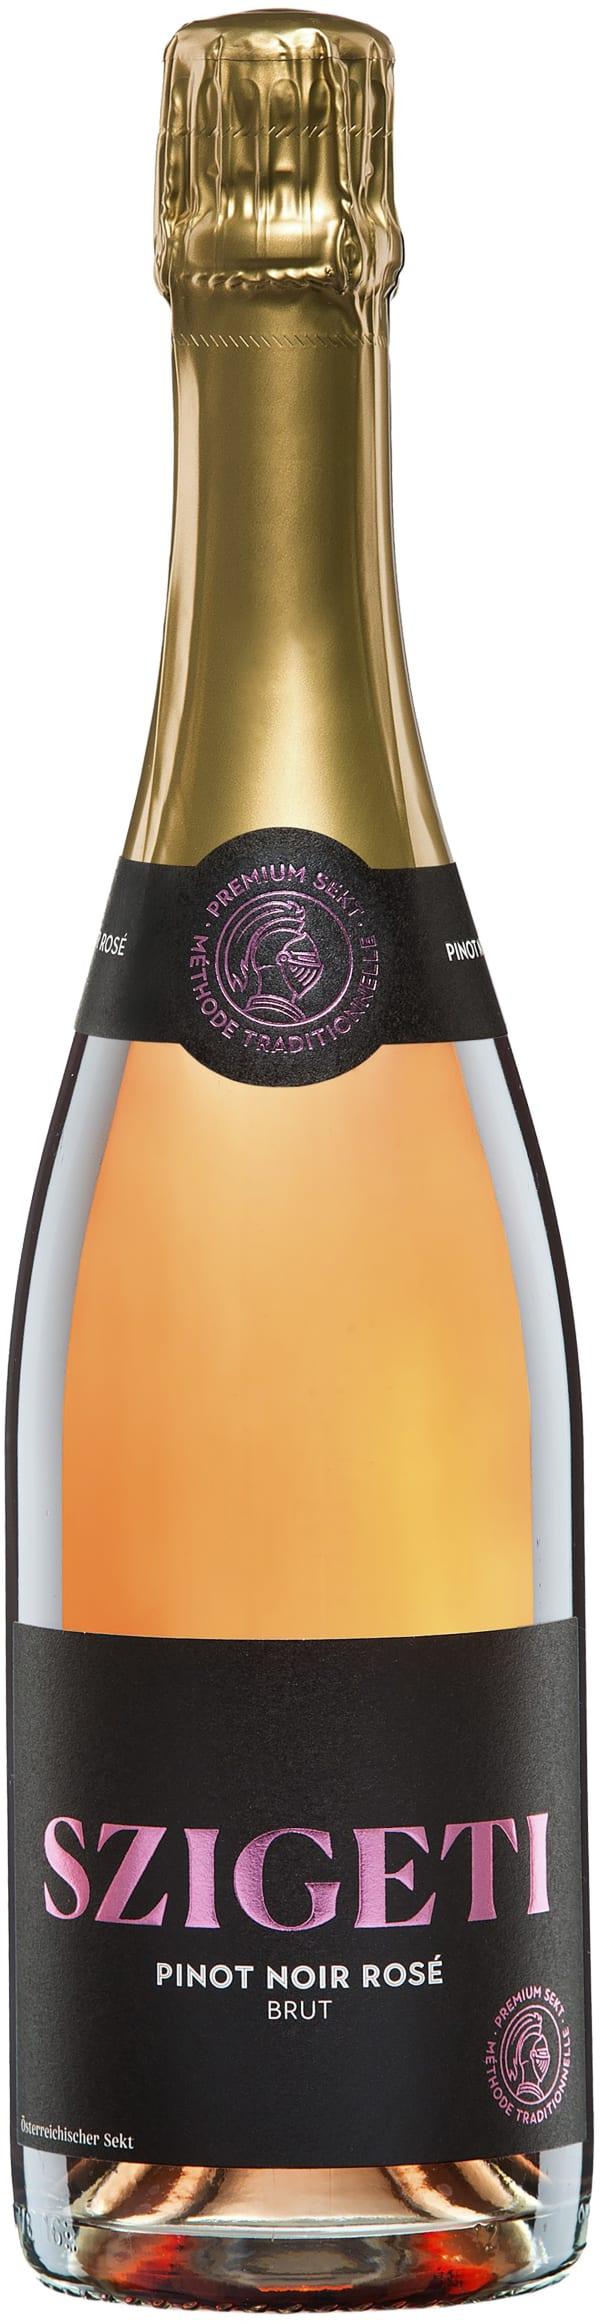 Szigeti Pinot Noir Rosé Brut 2018